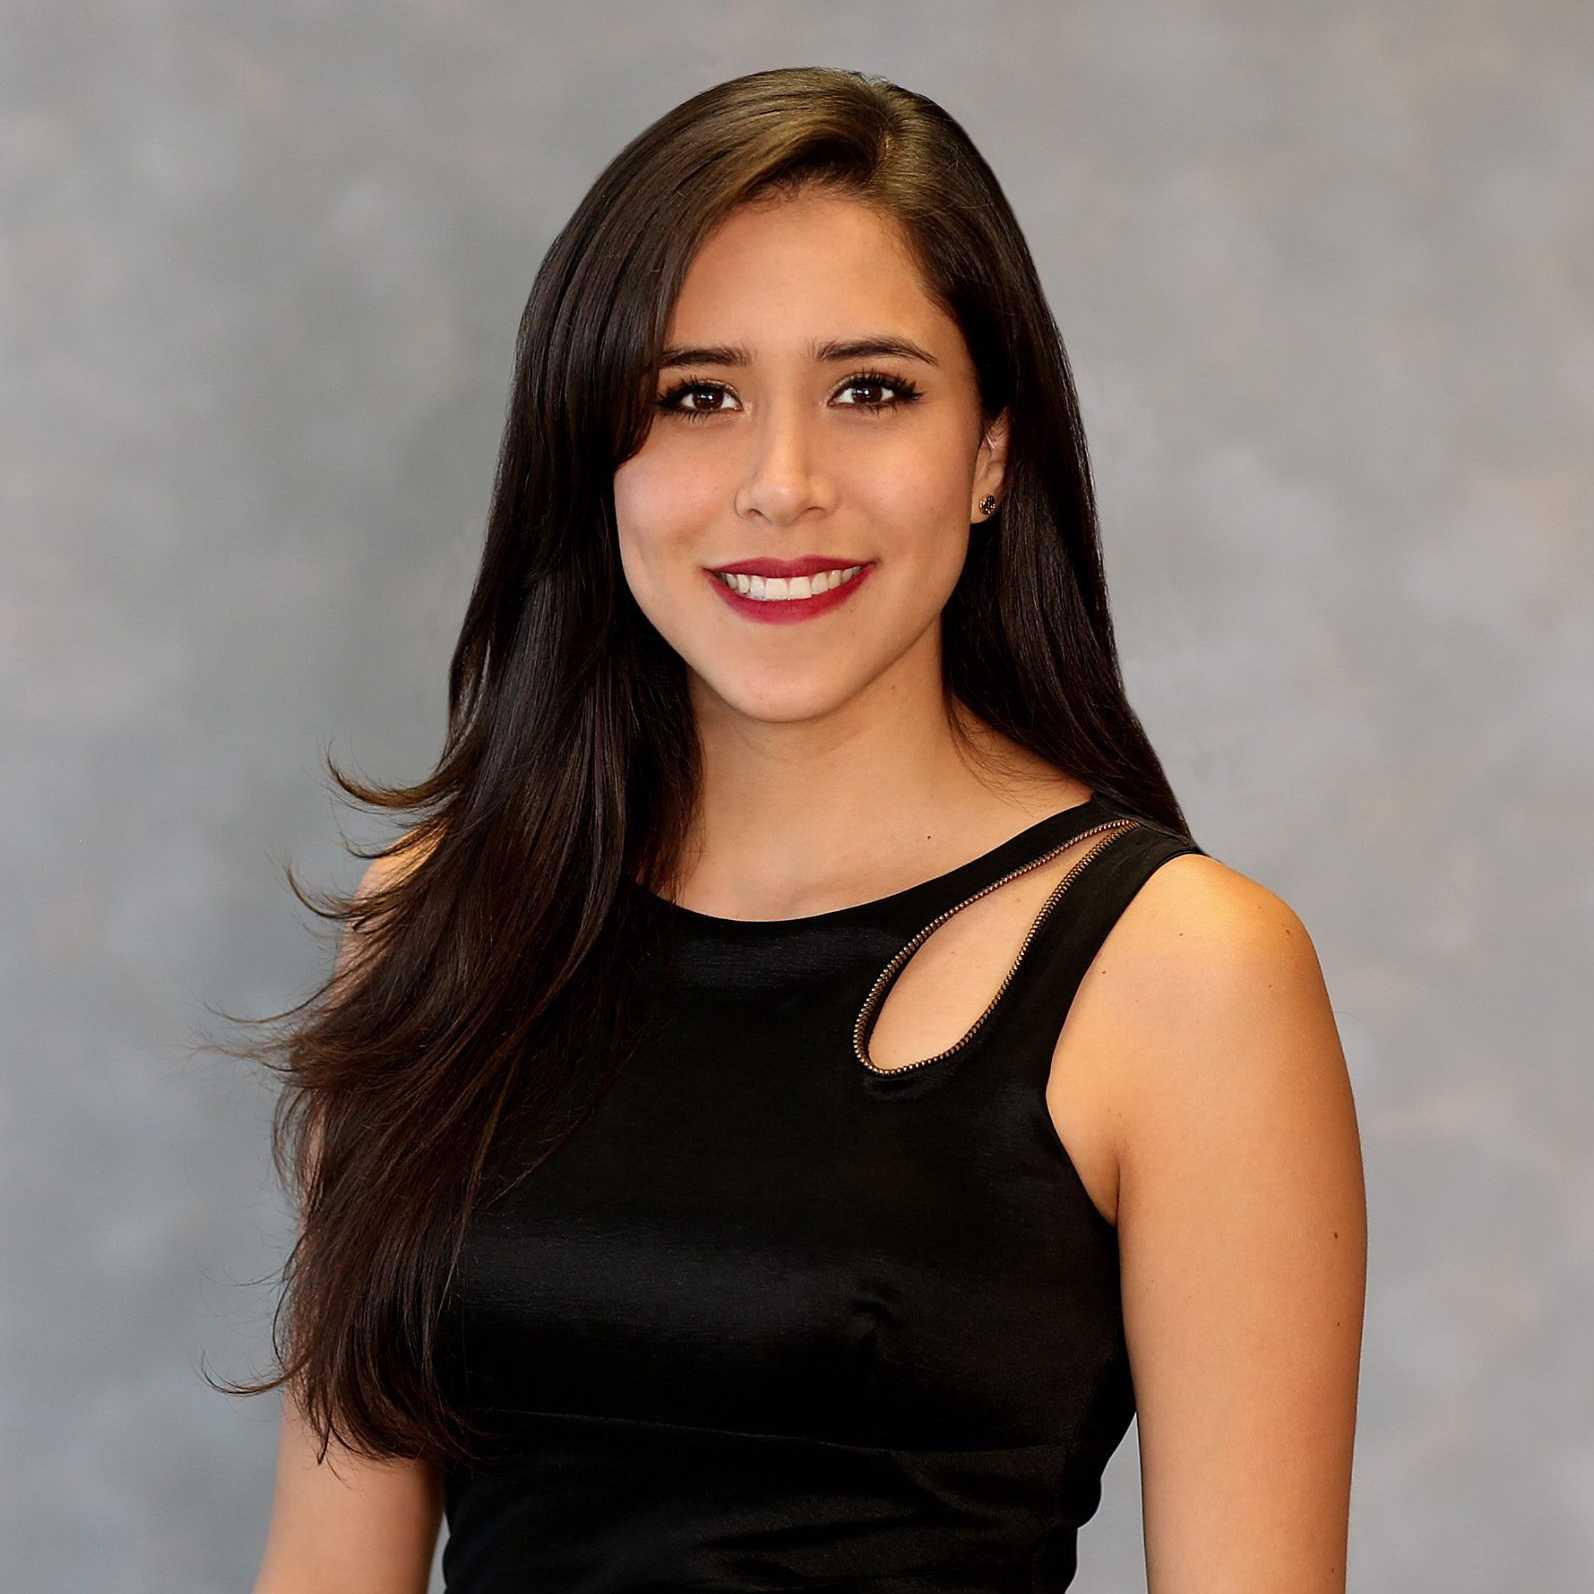 Marlene Luviano